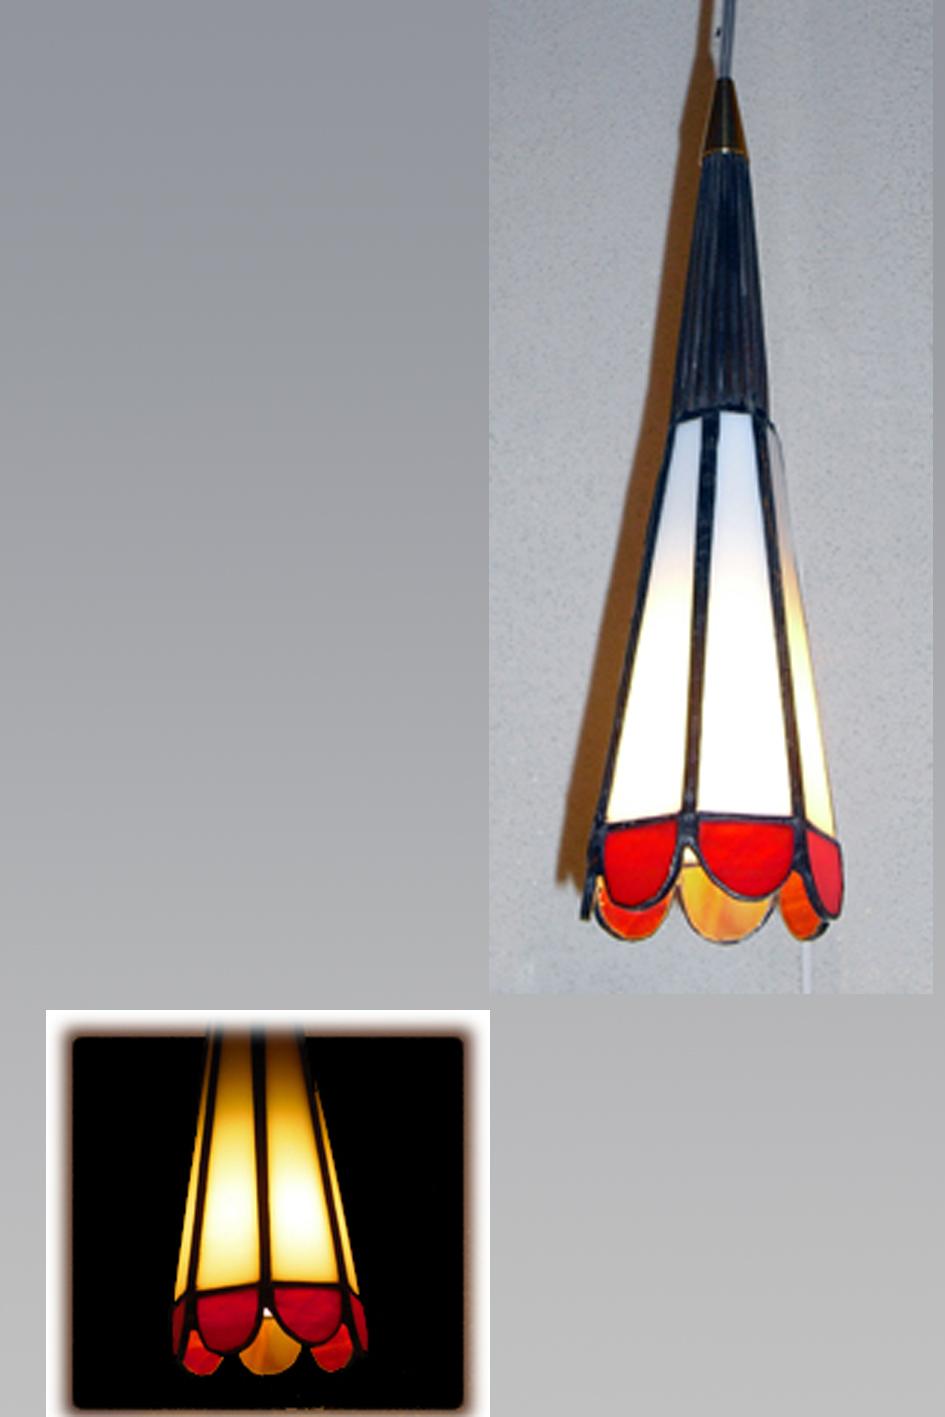 מנורת ויטראז לנישה, מנורת טיפאני כתר אדום